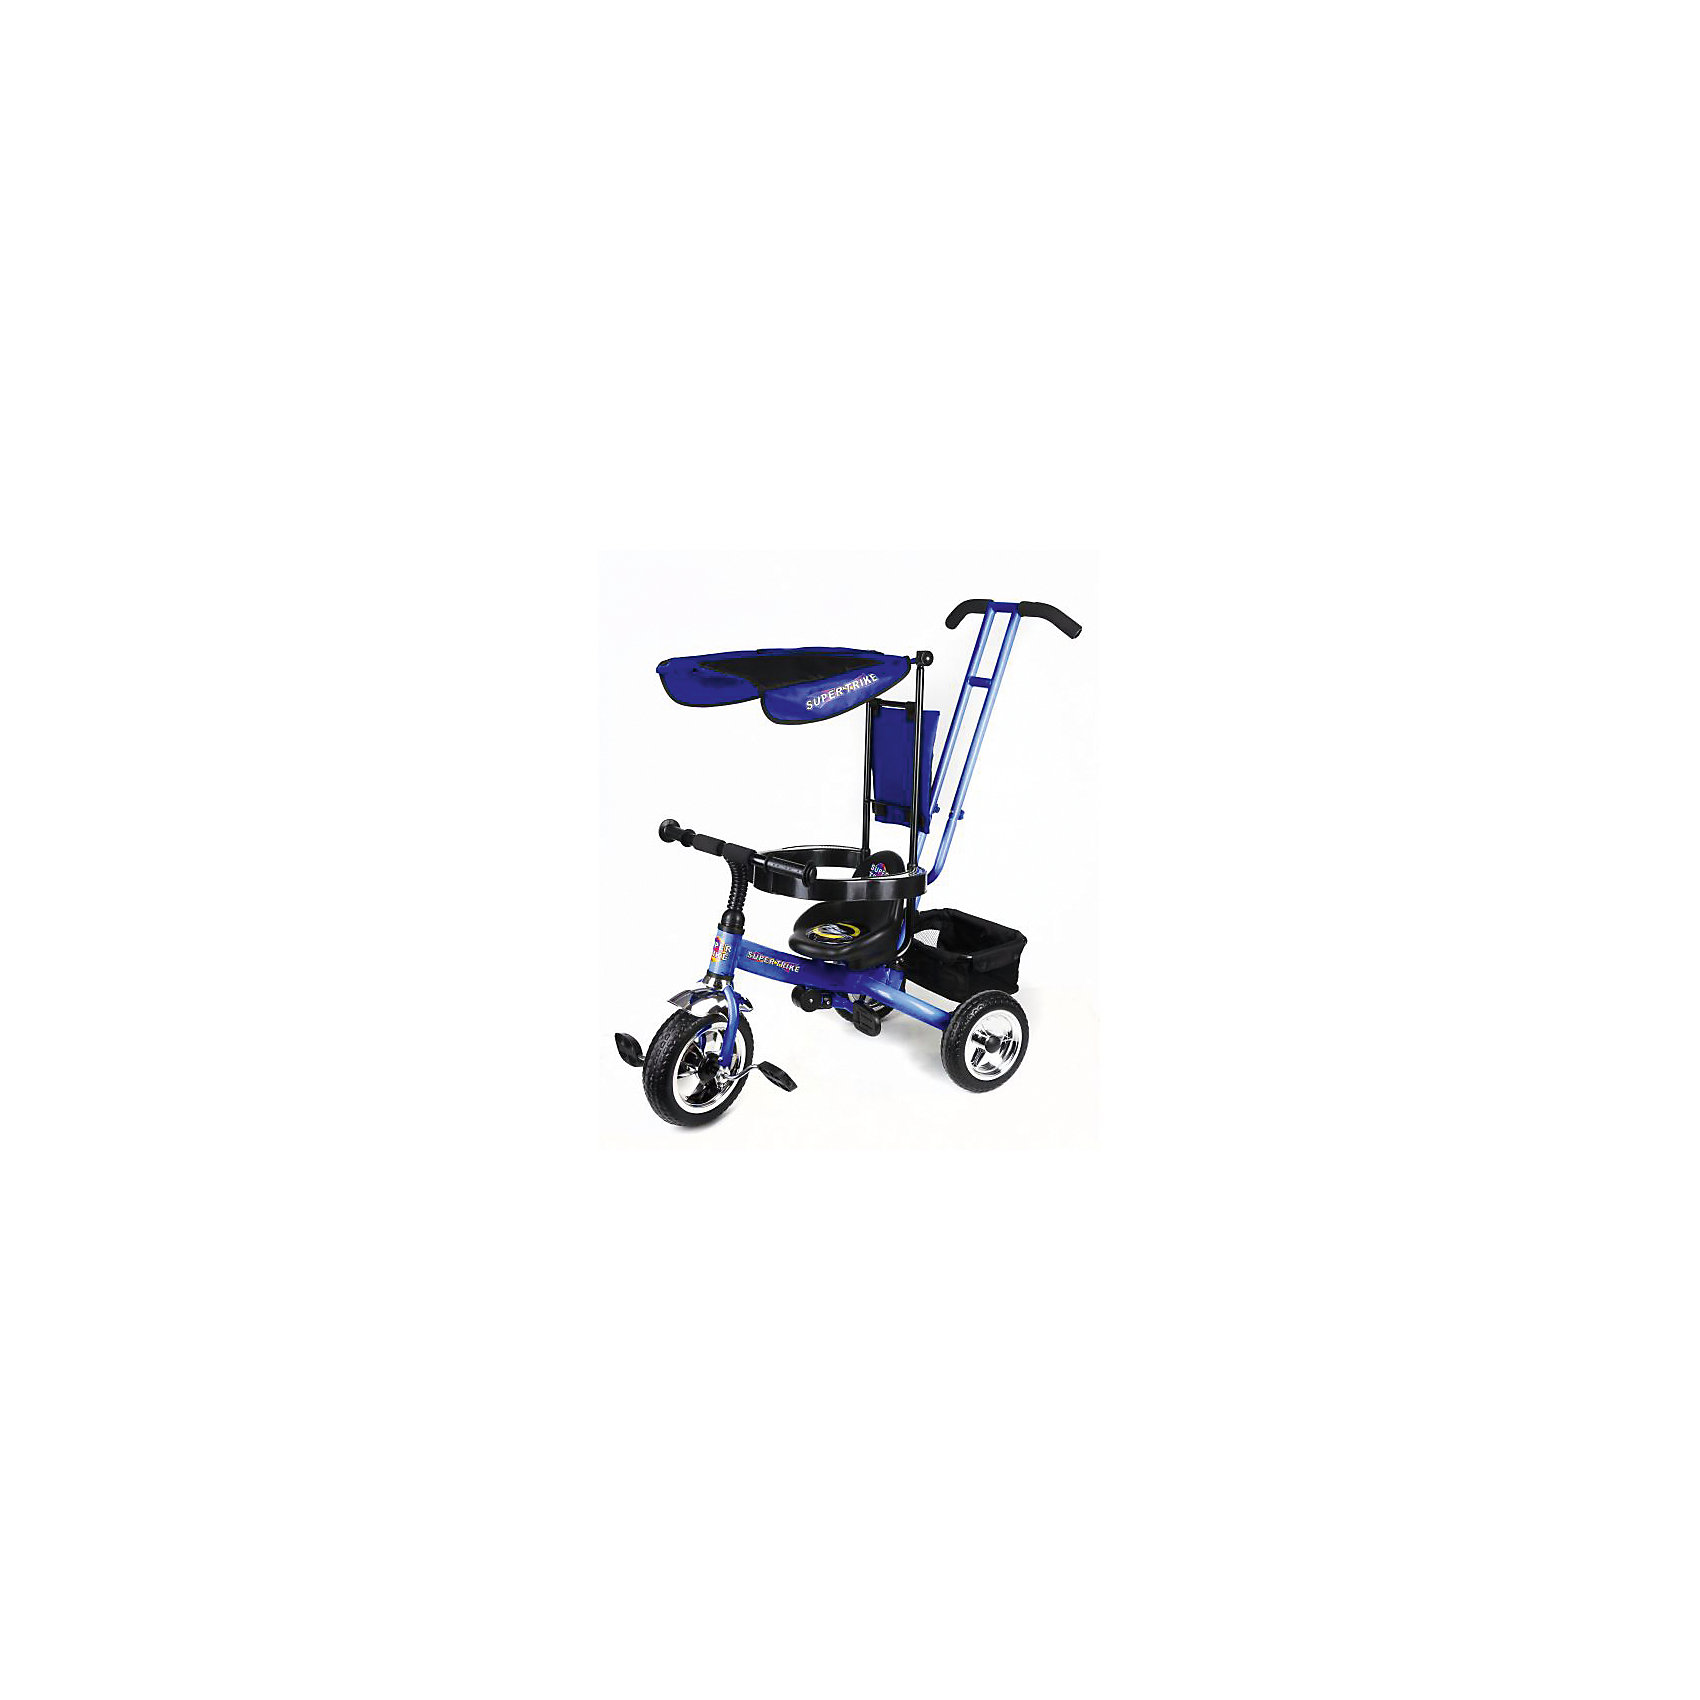 Super Trike Трехколесный велосипед, синий